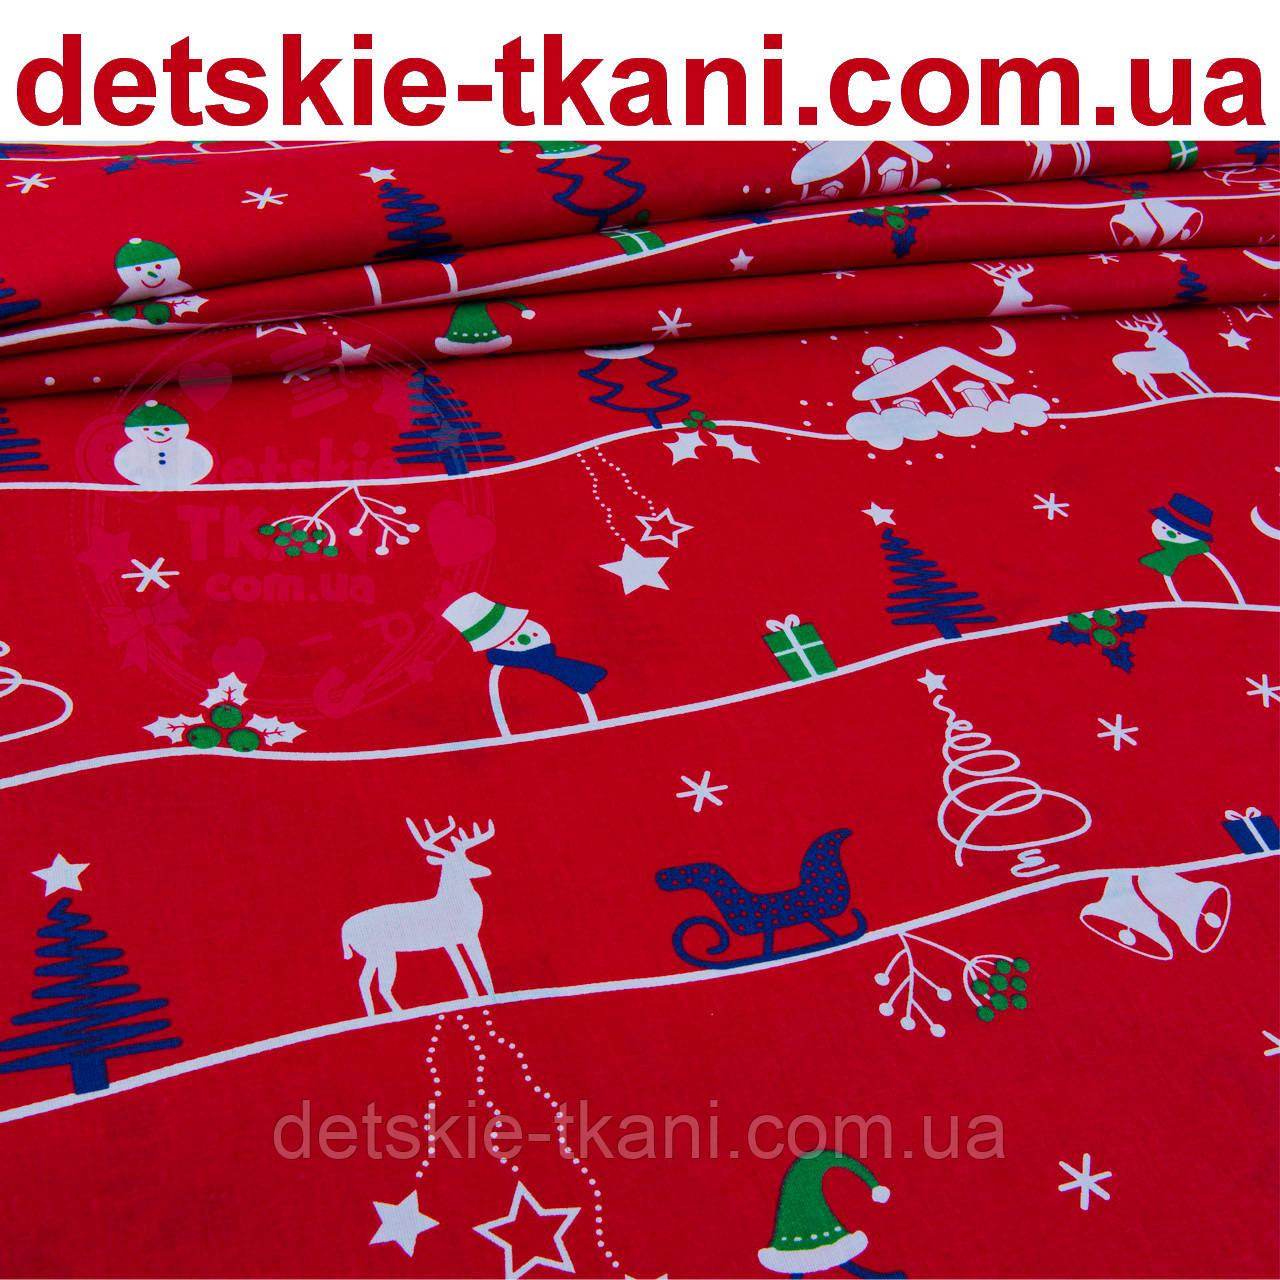 Новогодняя ткань с домиком и ёлками на красном фоне  № 948